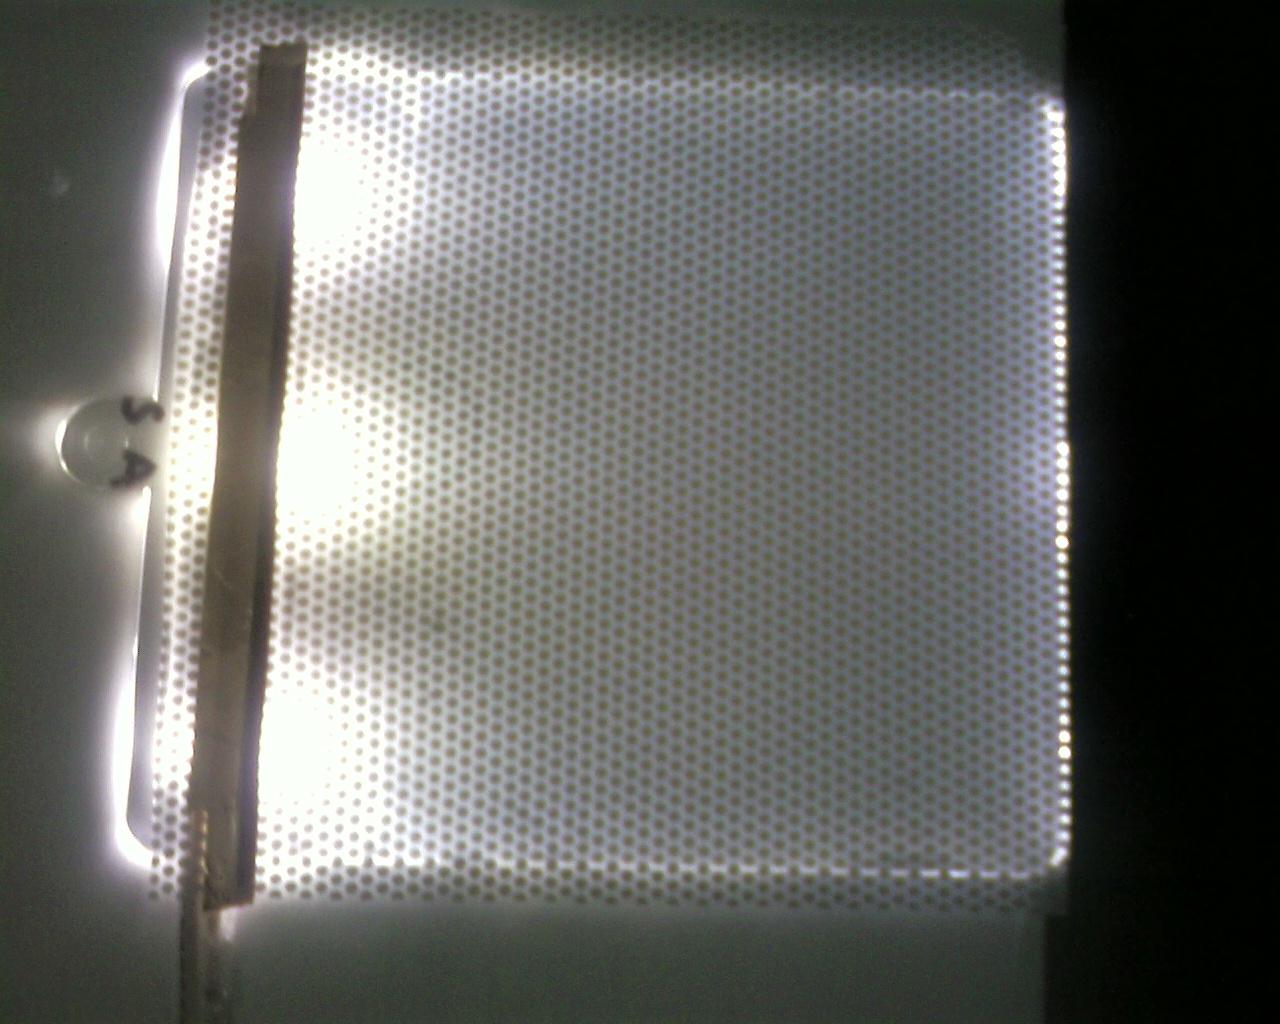 Verformbaren Kunststofftafel mit integrierter LED-Beleuchtung